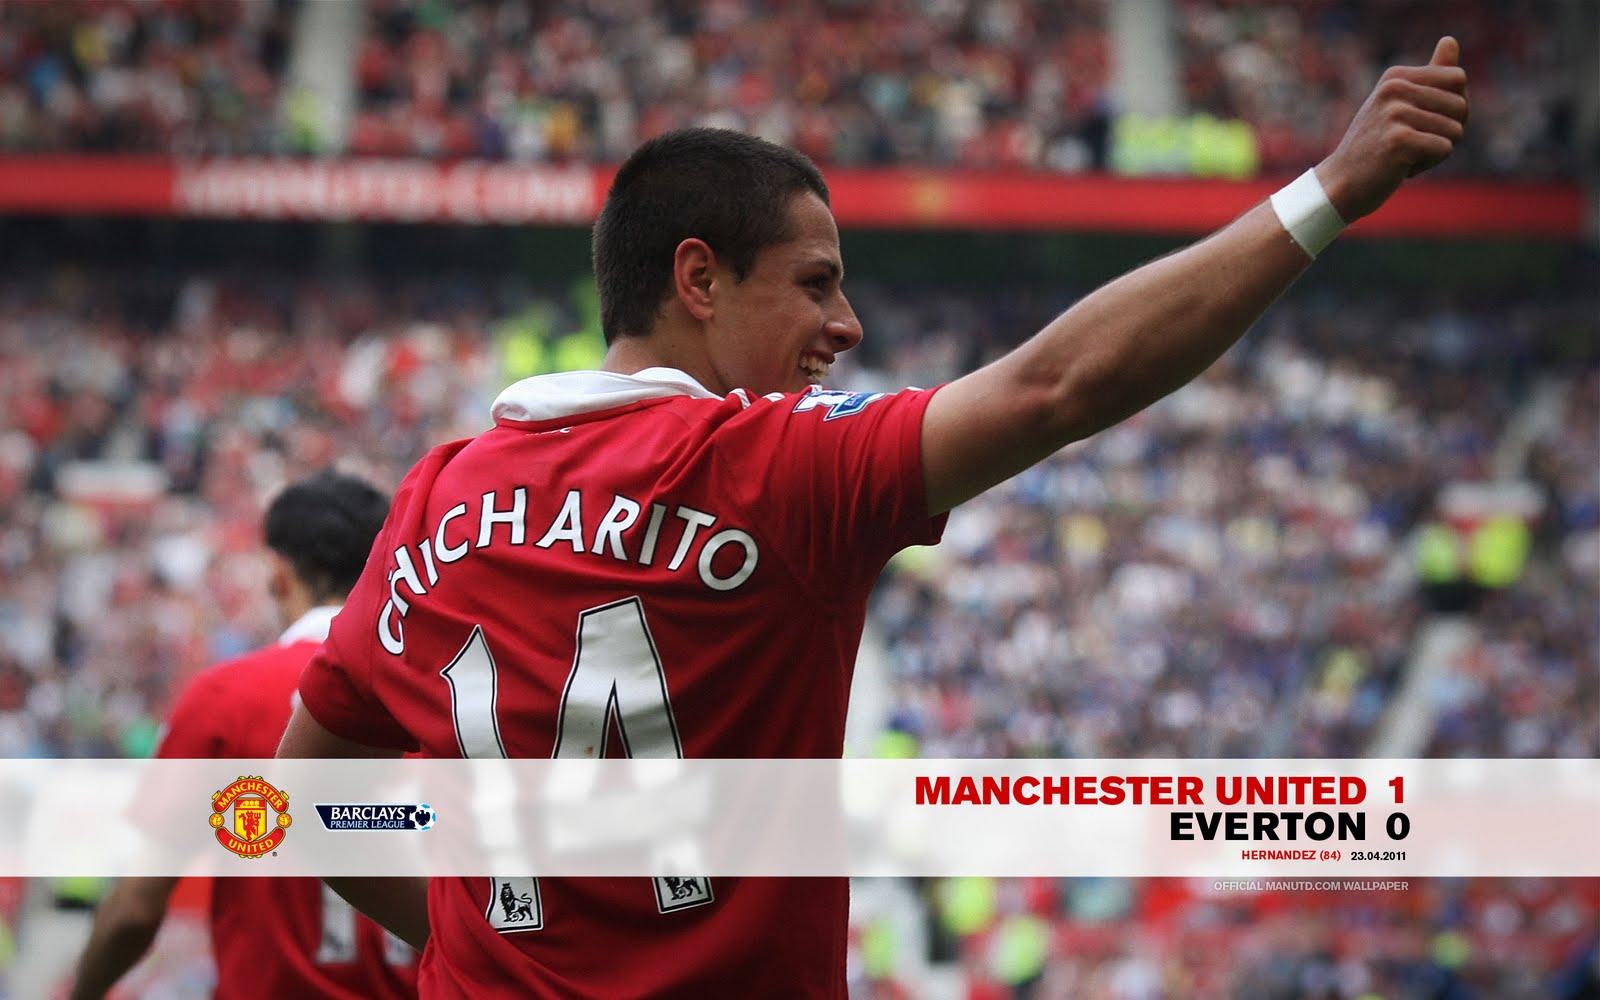 http://4.bp.blogspot.com/-v63Bjb6Y6RM/TbQ6LBkkyPI/AAAAAAAAFK4/CA9laUBdzio/s1600/Everton.jpg